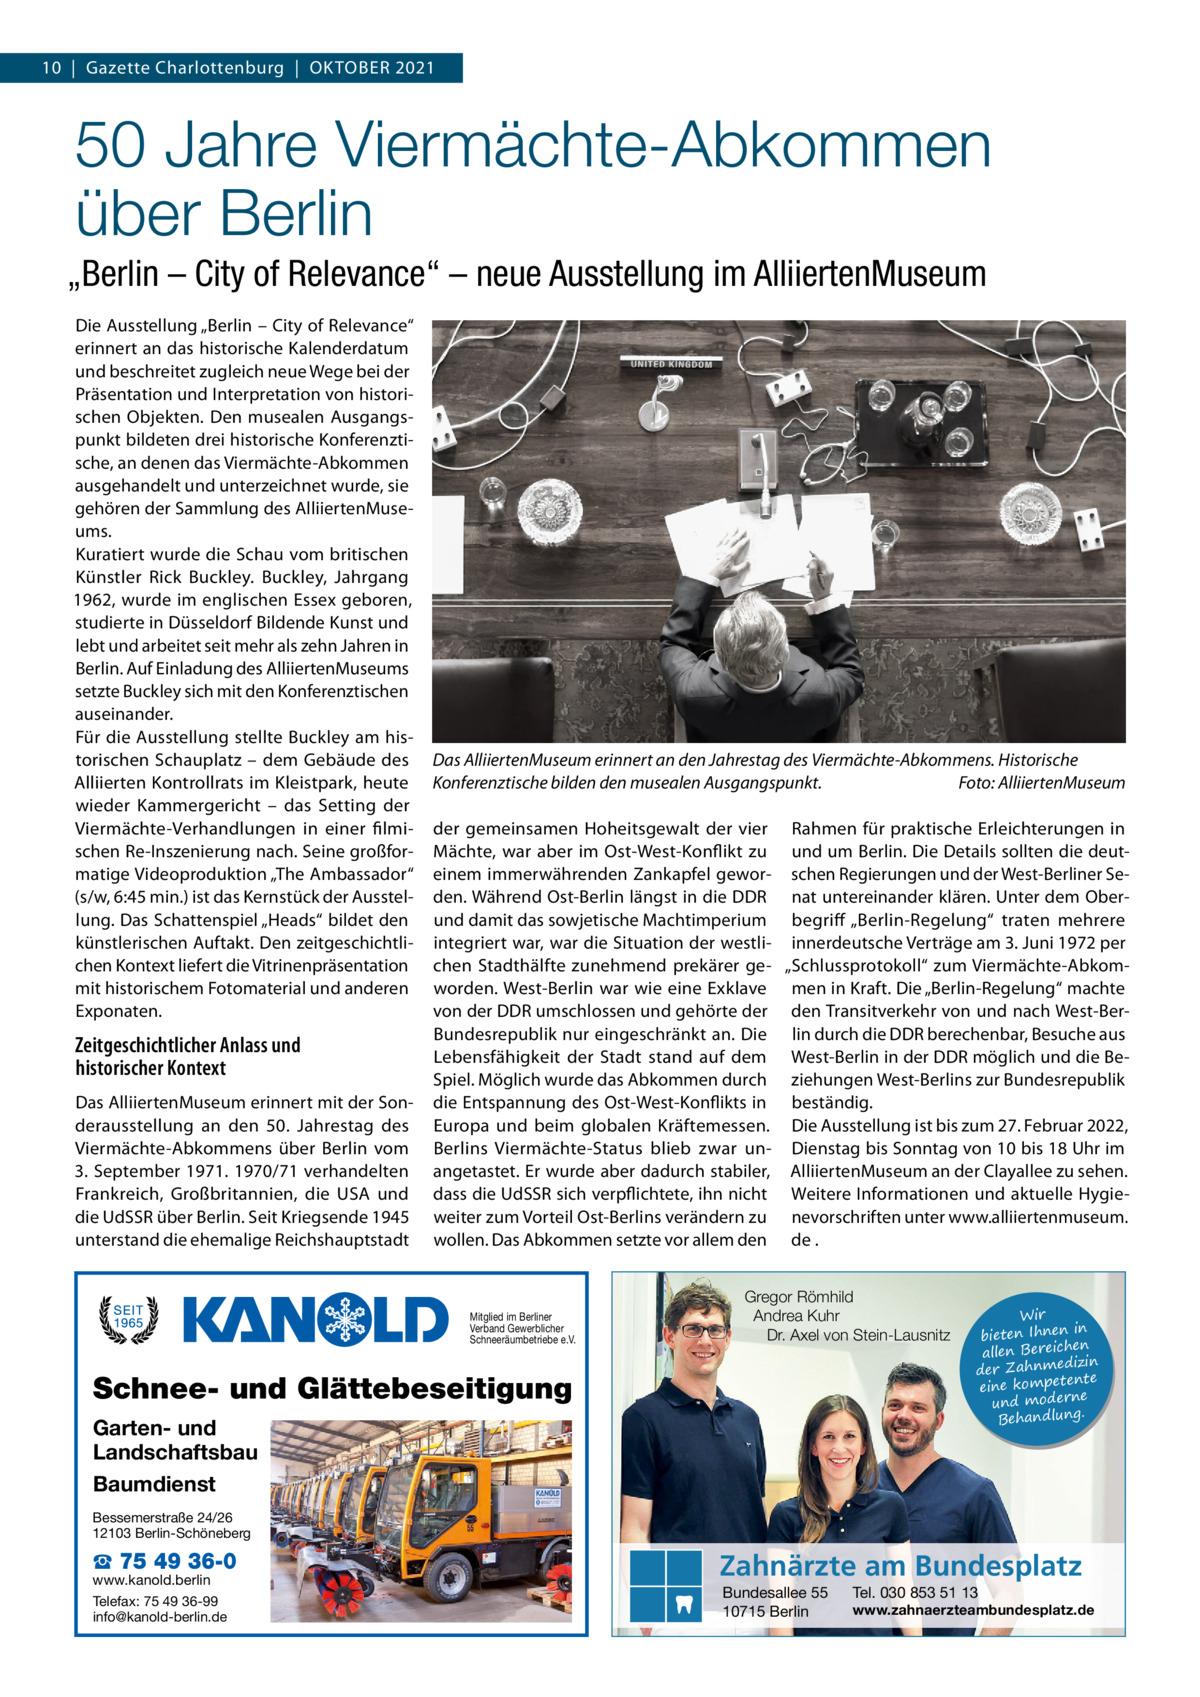 """10 Gazette Charlottenburg Oktober 2021  50Jahre Viermächte-Abkommen über Berlin """"Berlin – City of Relevance"""" – neue Ausstellung im AlliiertenMuseum Die Ausstellung """"Berlin – City of Relevance"""" erinnert an das historische Kalenderdatum und beschreitet zugleich neue Wege bei der Präsentation und Interpretation von historischen Objekten. Den musealen Ausgangspunkt bildeten drei historische Konferenztische, an denen das Viermächte-Abkommen ausgehandelt und unterzeichnet wurde, sie gehören der Sammlung des AlliiertenMuseums. Kuratiert wurde die Schau vom britischen Künstler Rick Buckley. Buckley, Jahrgang 1962, wurde im englischen Essex geboren, studierte in Düsseldorf Bildende Kunst und lebt und arbeitet seit mehr als zehn Jahren in Berlin. Auf Einladung des AlliiertenMuseums setzte Buckley sich mit den Konferenztischen auseinander. Für die Ausstellung stellte Buckley am historischen Schauplatz – dem Gebäude des Alliierten Kontrollrats im Kleistpark, heute wieder Kammergericht – das Setting der Viermächte-Verhandlungen in einer filmischen Re-Inszenierung nach. Seine großformatige Videoproduktion """"The Ambassador"""" (s/w, 6:45min.) ist das Kernstück der Ausstellung. Das Schattenspiel """"Heads"""" bildet den künstlerischen Auftakt. Den zeitgeschichtlichen Kontext liefert die Vitrinenpräsentation mit historischem Fotomaterial und anderen Exponaten.  Zeitgeschichtlicher Anlass und historischer Kontext Das AlliiertenMuseum erinnert mit der Sonderausstellung an den 50. Jahrestag des Viermächte-Abkommens über Berlin vom 3.September 1971. 1970/71 verhandelten Frankreich, Großbritannien, die USA und die UdSSR über Berlin. Seit Kriegsende 1945 unterstand die ehemalige Reichshauptstadt  Das AlliiertenMuseum erinnert an den Jahrestag des Viermächte-Abkommens. Historische Konferenztische bilden den musealen Ausgangspunkt.� Foto: AlliiertenMuseum der gemeinsamen Hoheitsgewalt der vier Rahmen für praktische Erleichterungen in Mächte, war aber im Ost-West-Konflikt zu und um Berlin. Die Details"""